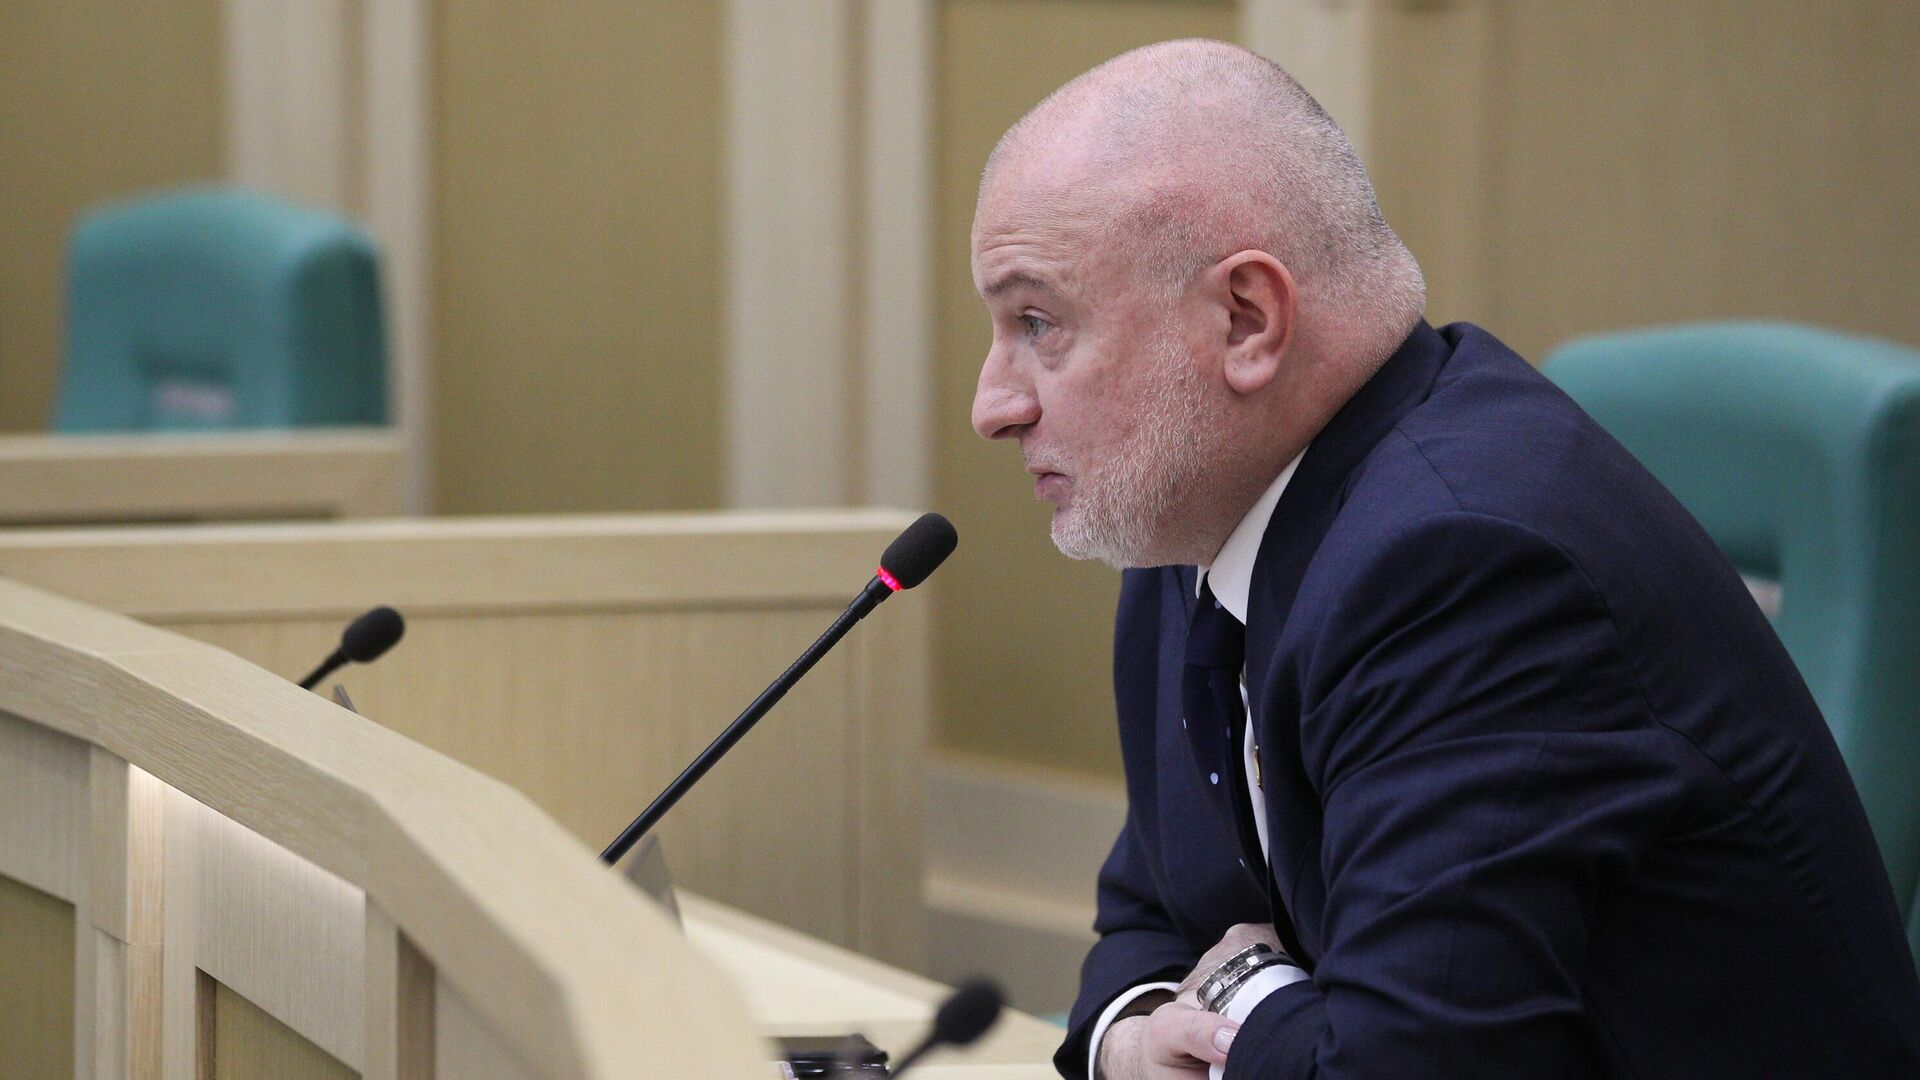 Председатель комитета Совета Федерации РФ по конституционному законодательству и государственному строительству Андрей Клишас  - РИА Новости, 1920, 25.02.2021